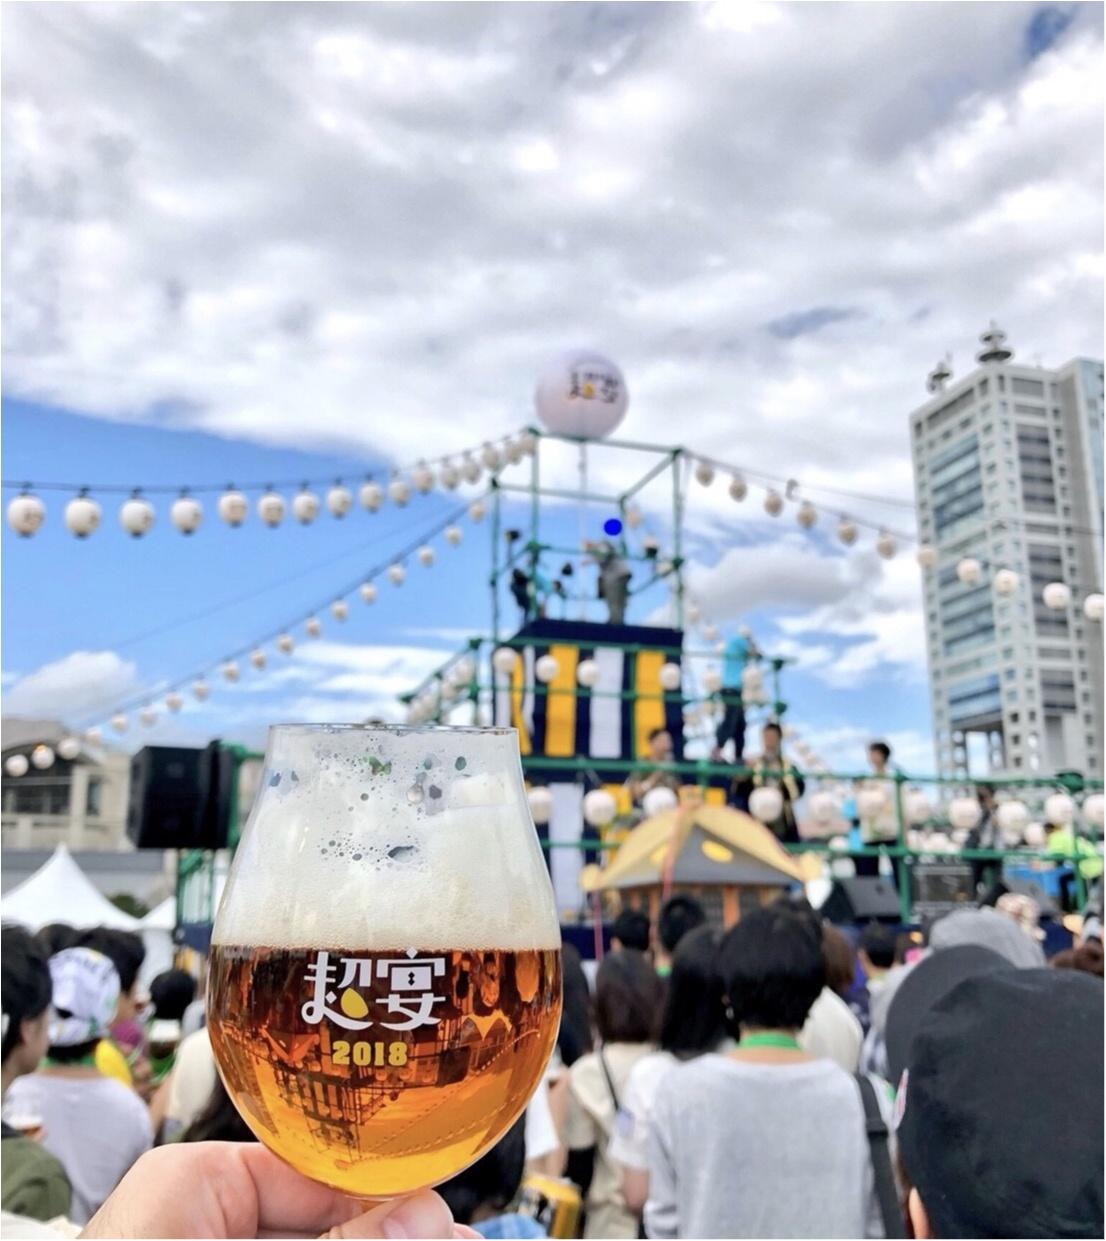 ヤッホーブルーイングのビールイベント【超宴2018】に参加してきました!_1